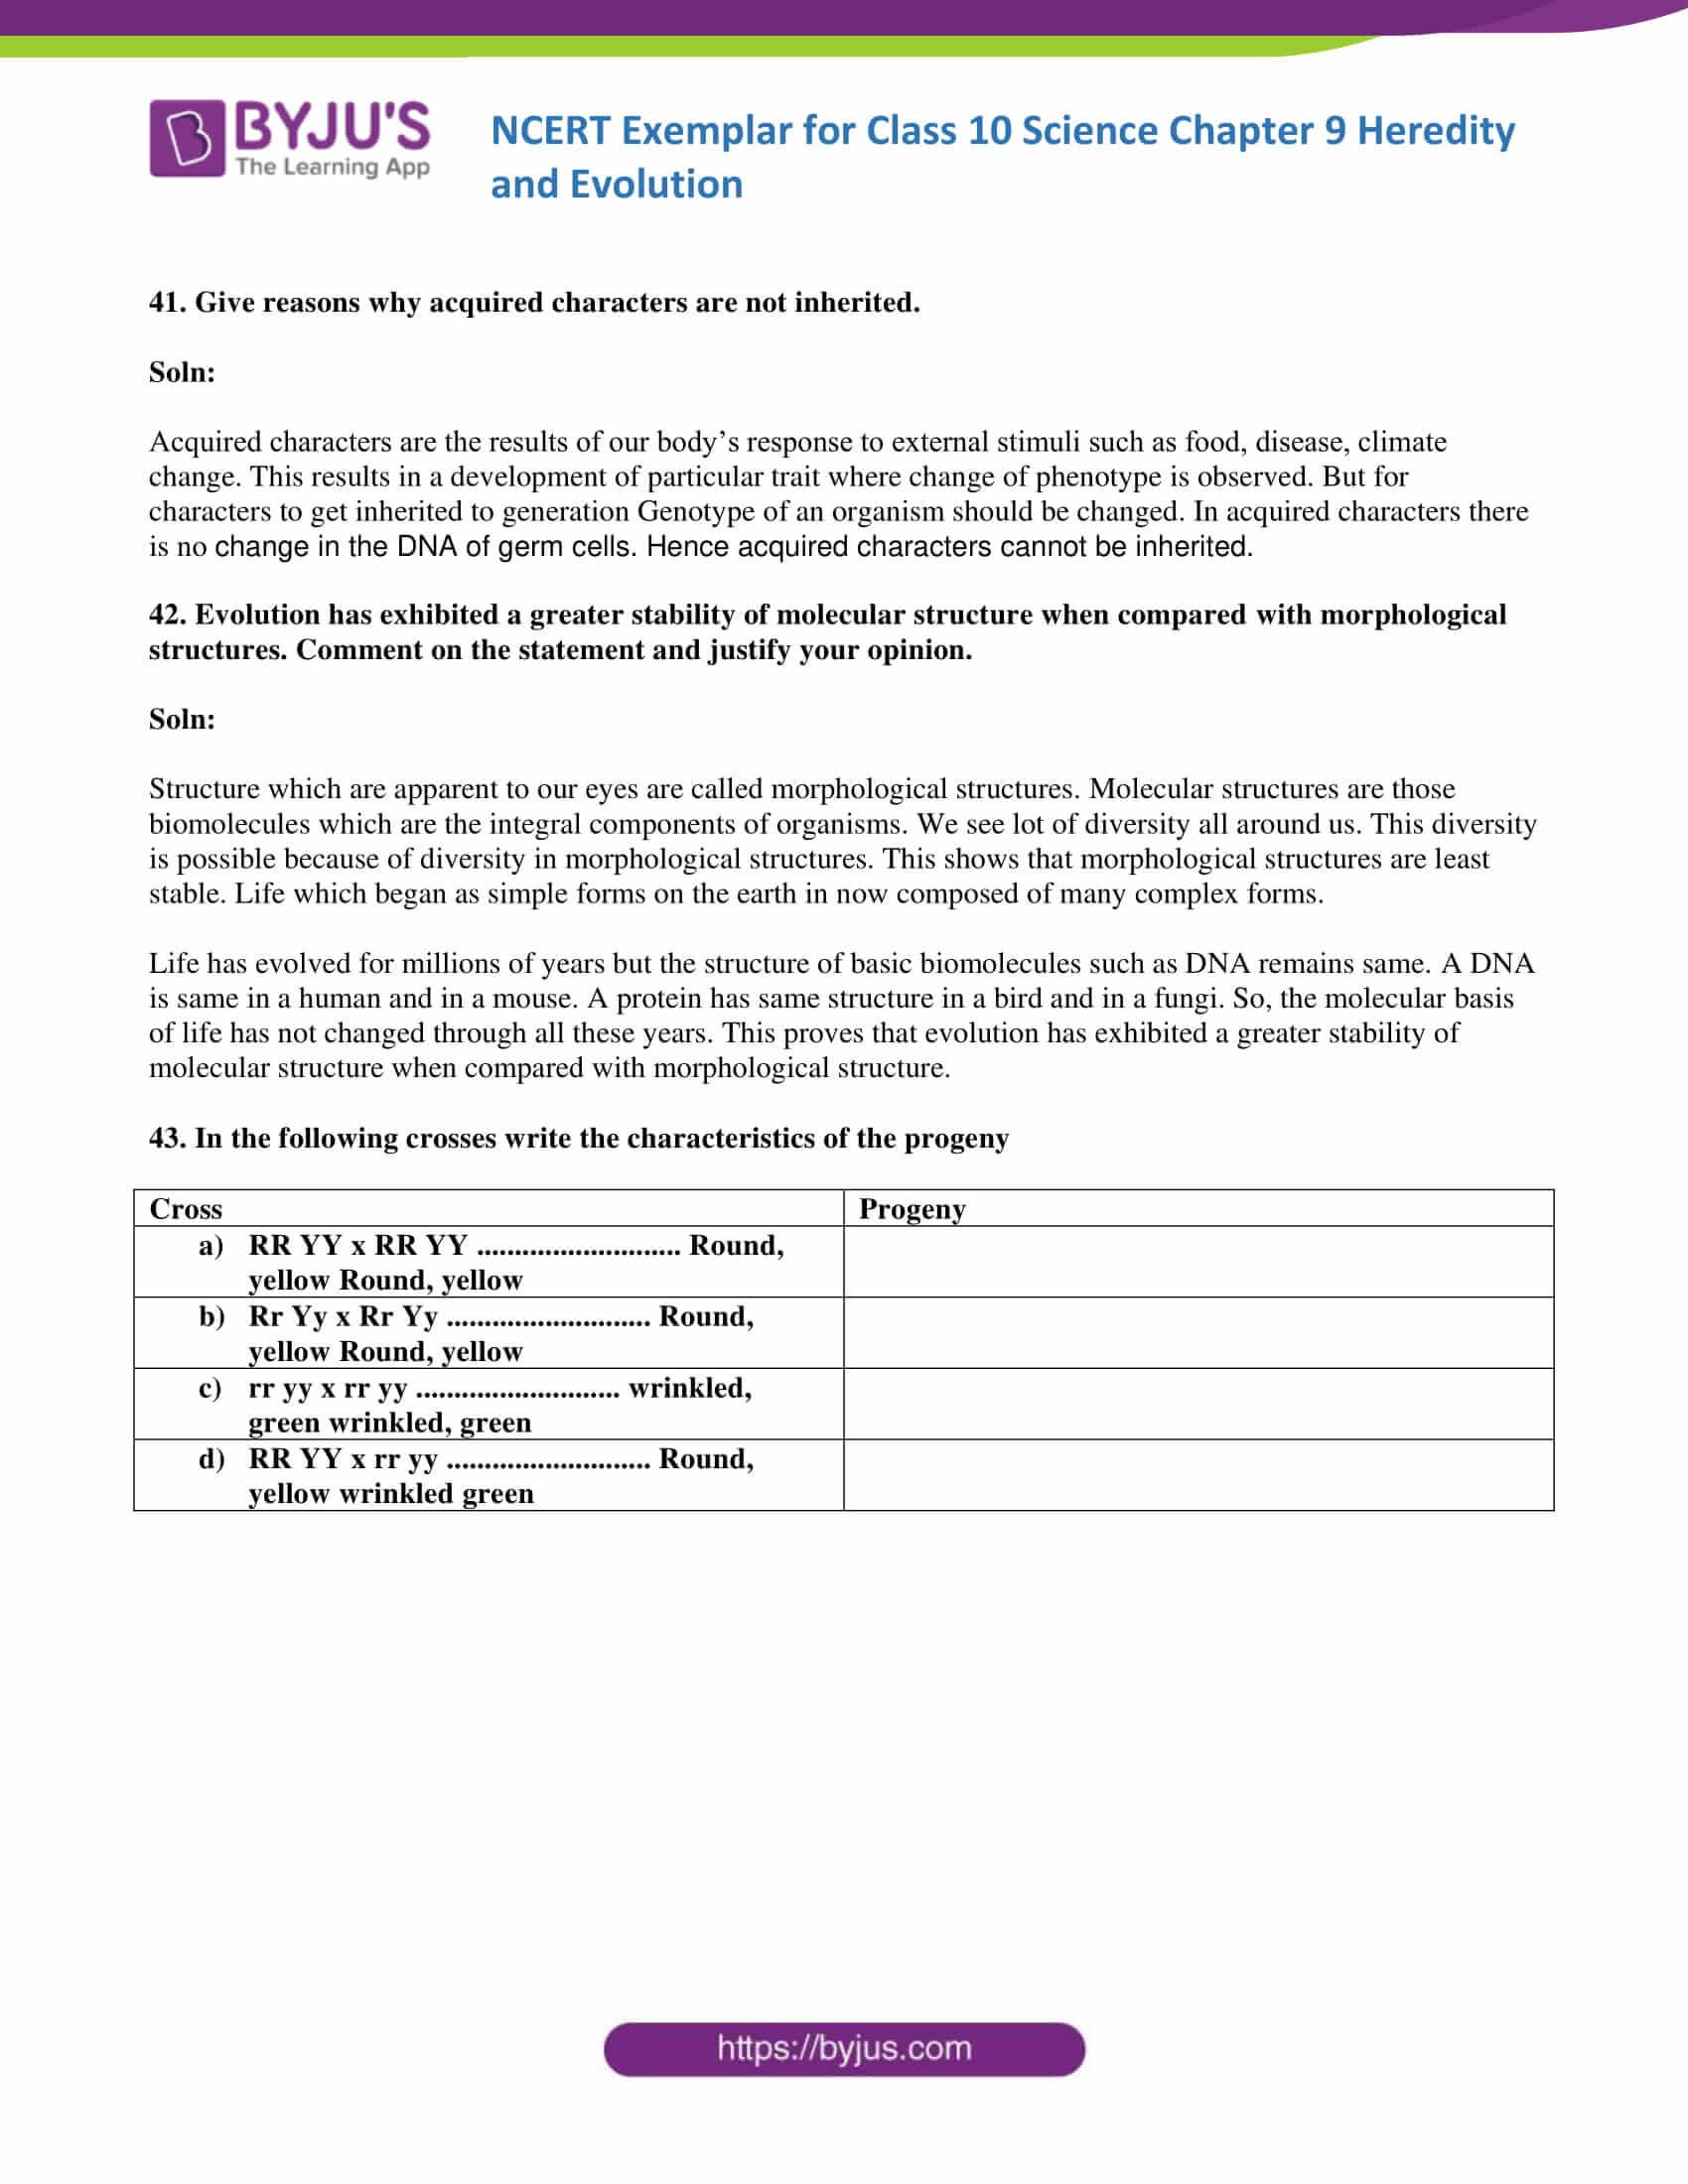 NCERT Exemplar solution class 10 science Chapter 9 part 14